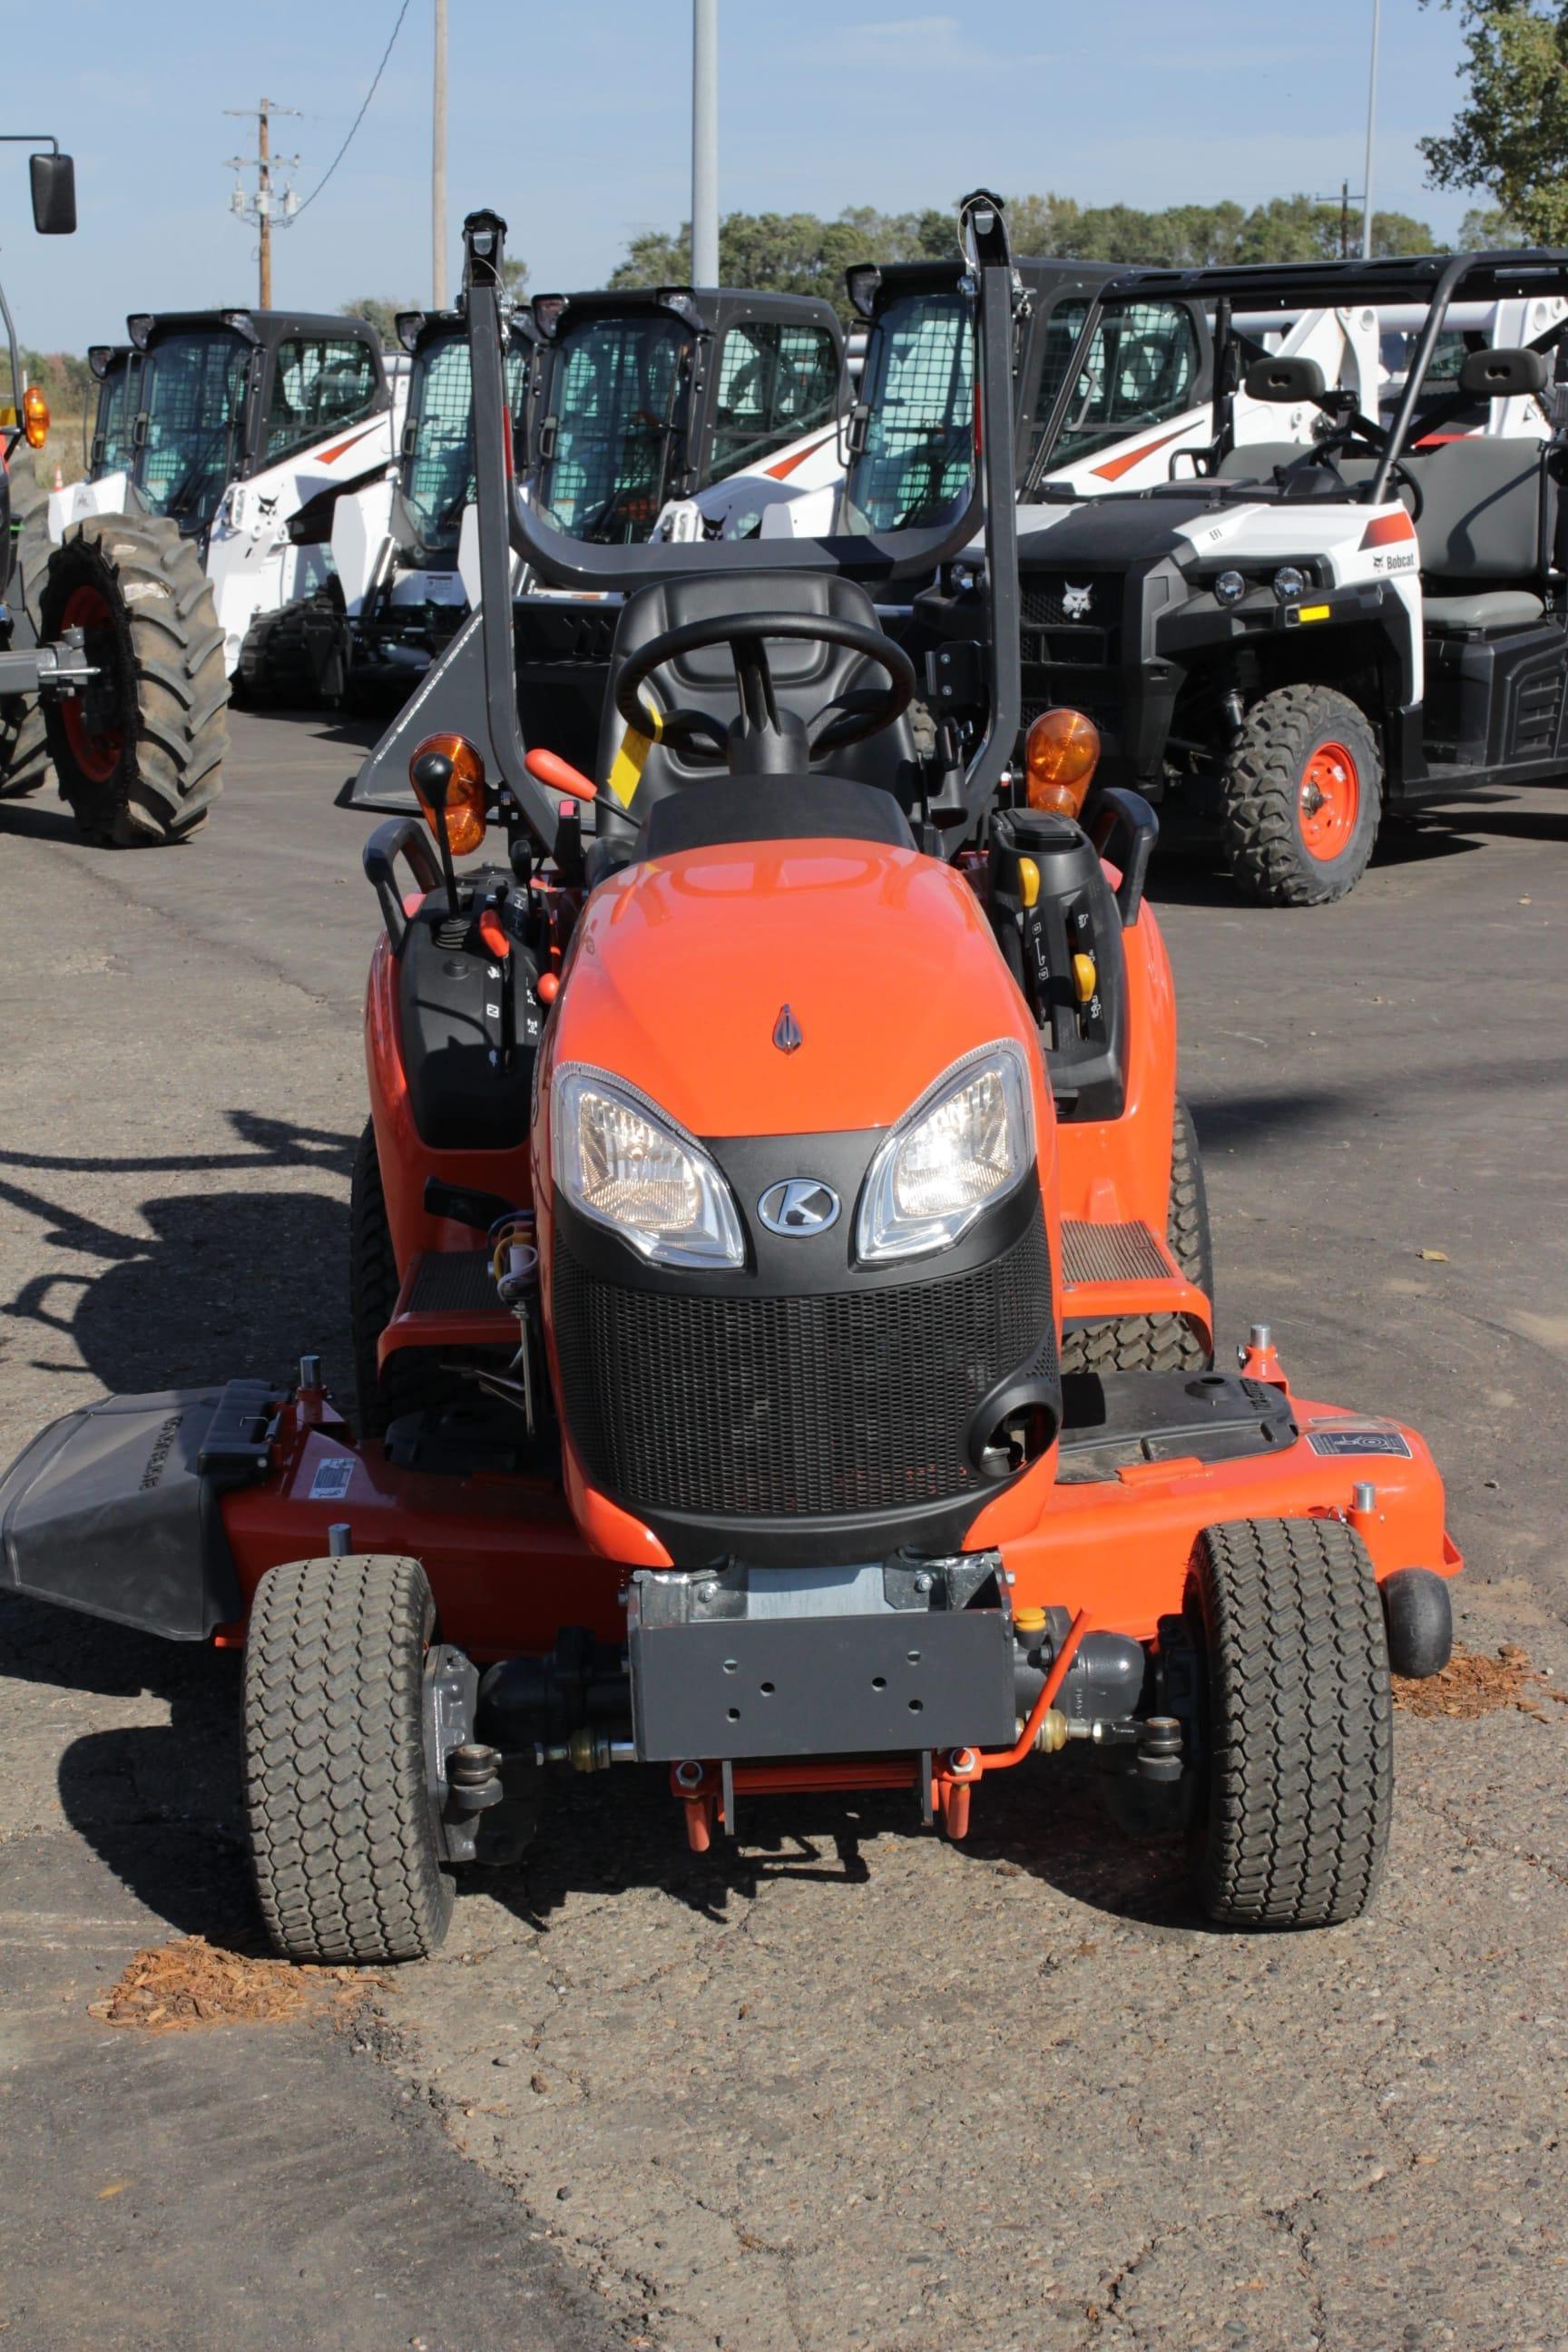 Kubota Bx1880 Compact Tractor Lano Equipment Inc